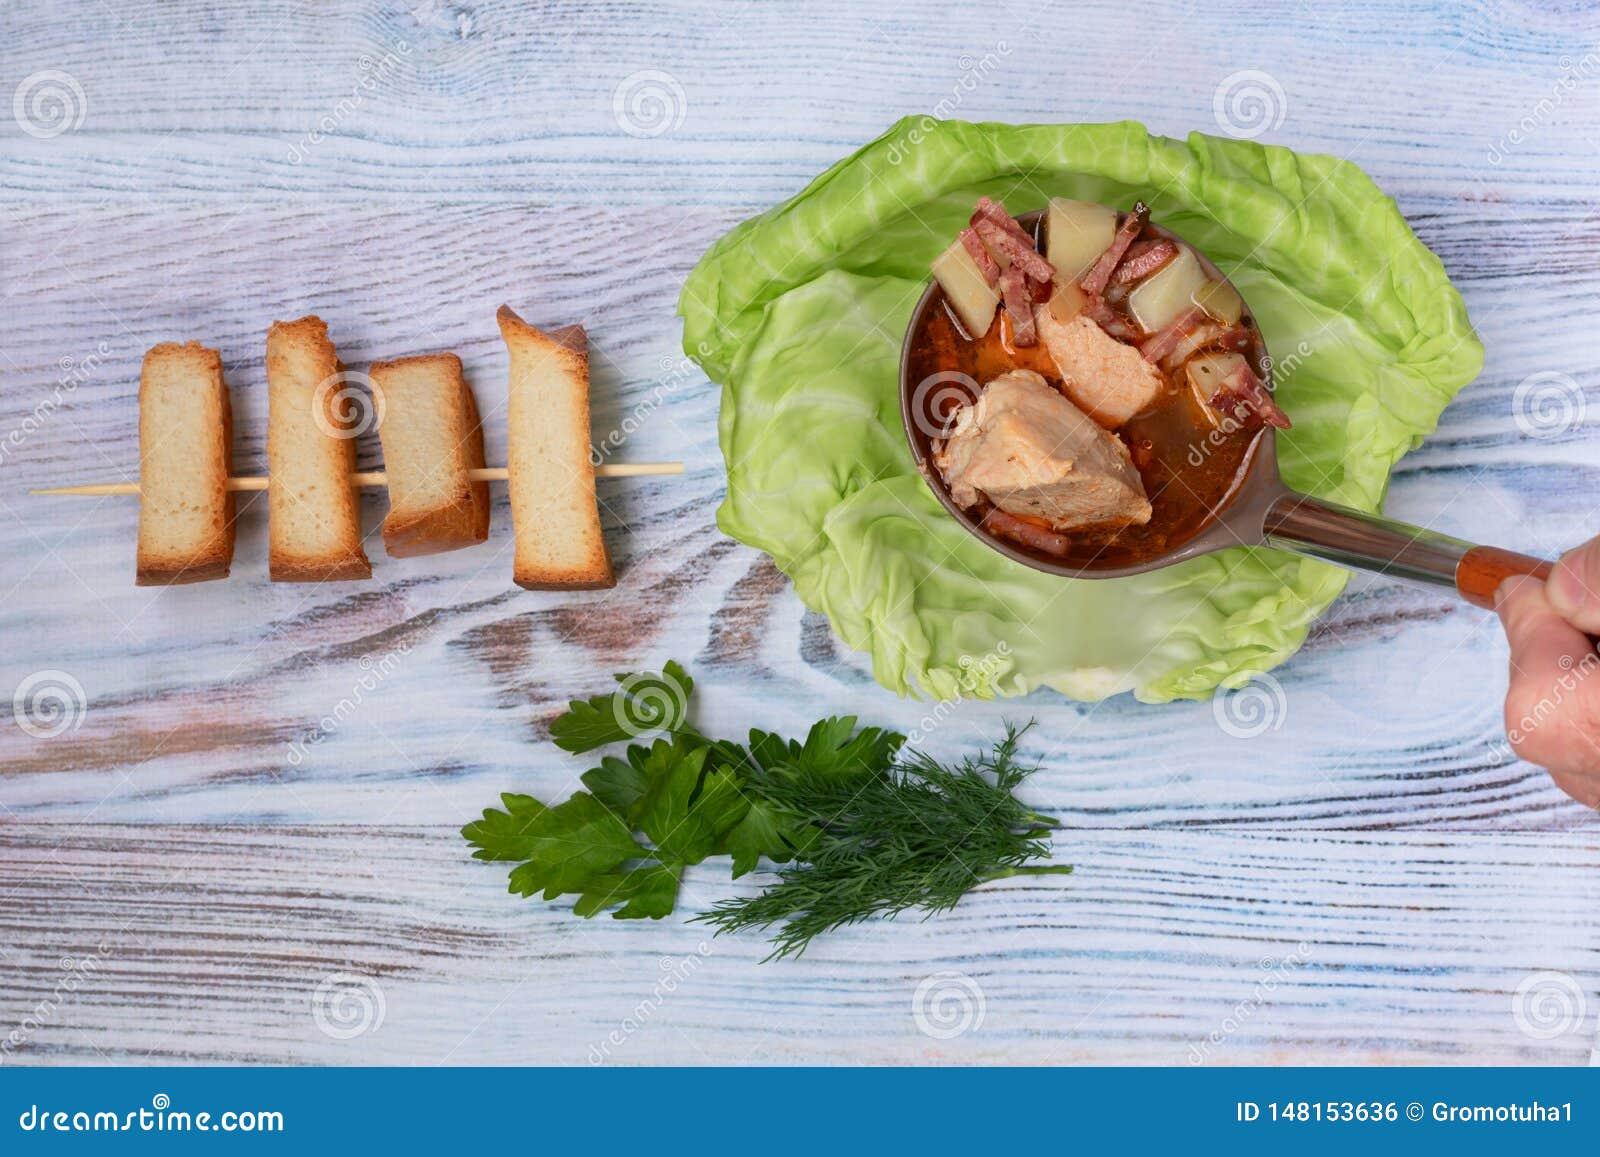 De soep in vleesbouillon wordt gekookt met wordt verse kruiden en croutons gegoten in een plaat met koolblad dat